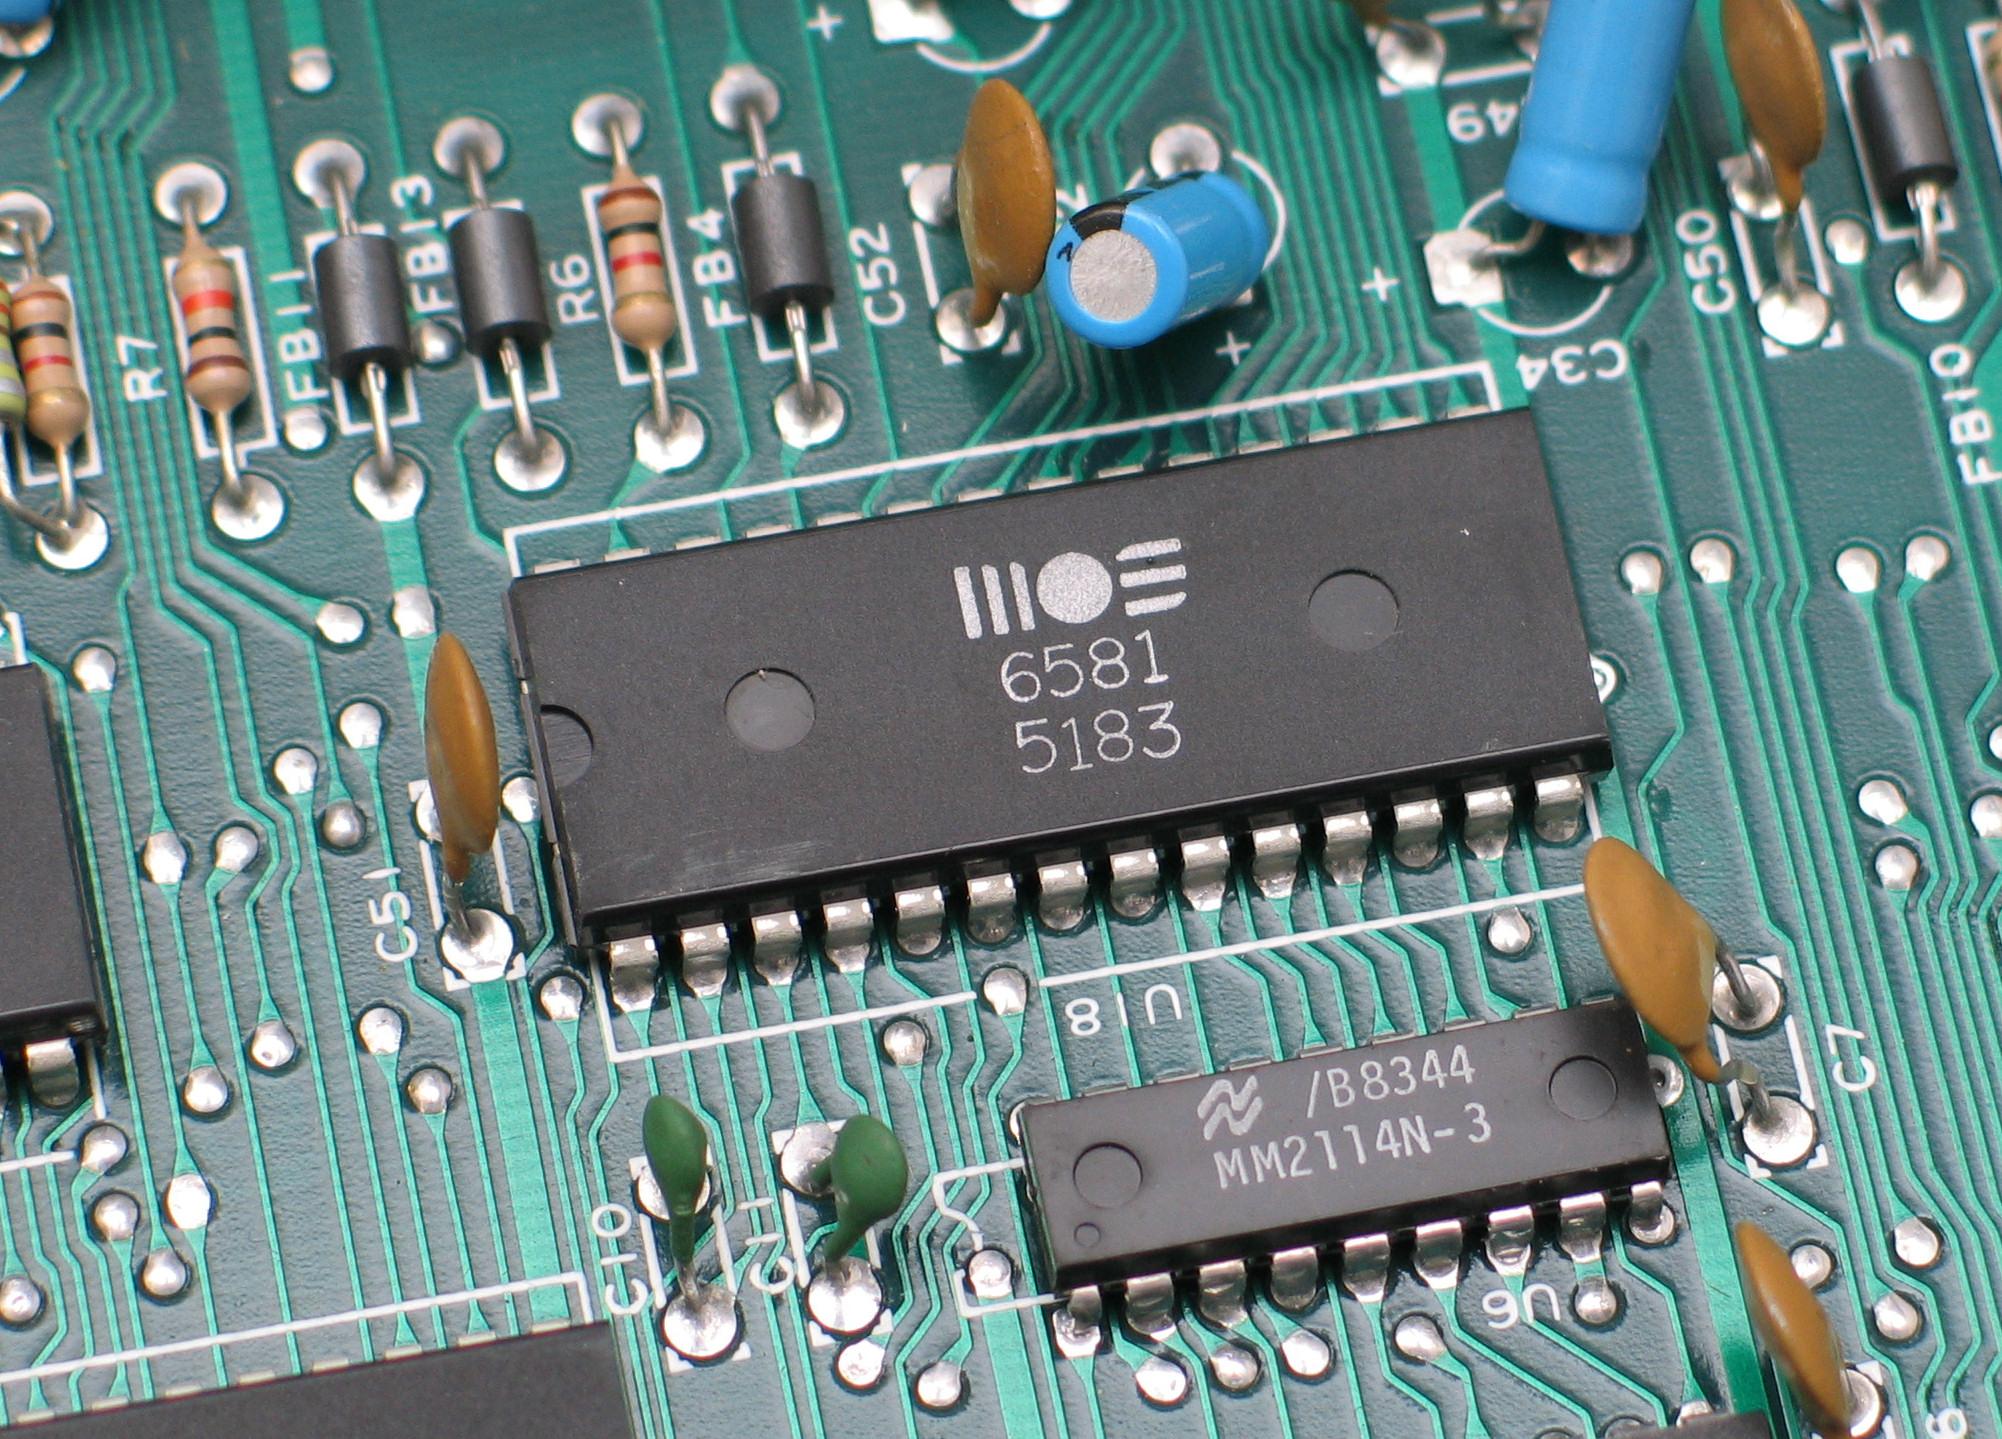 Cómo obtener hidrógeno a partir de una placa de circuitos impresos